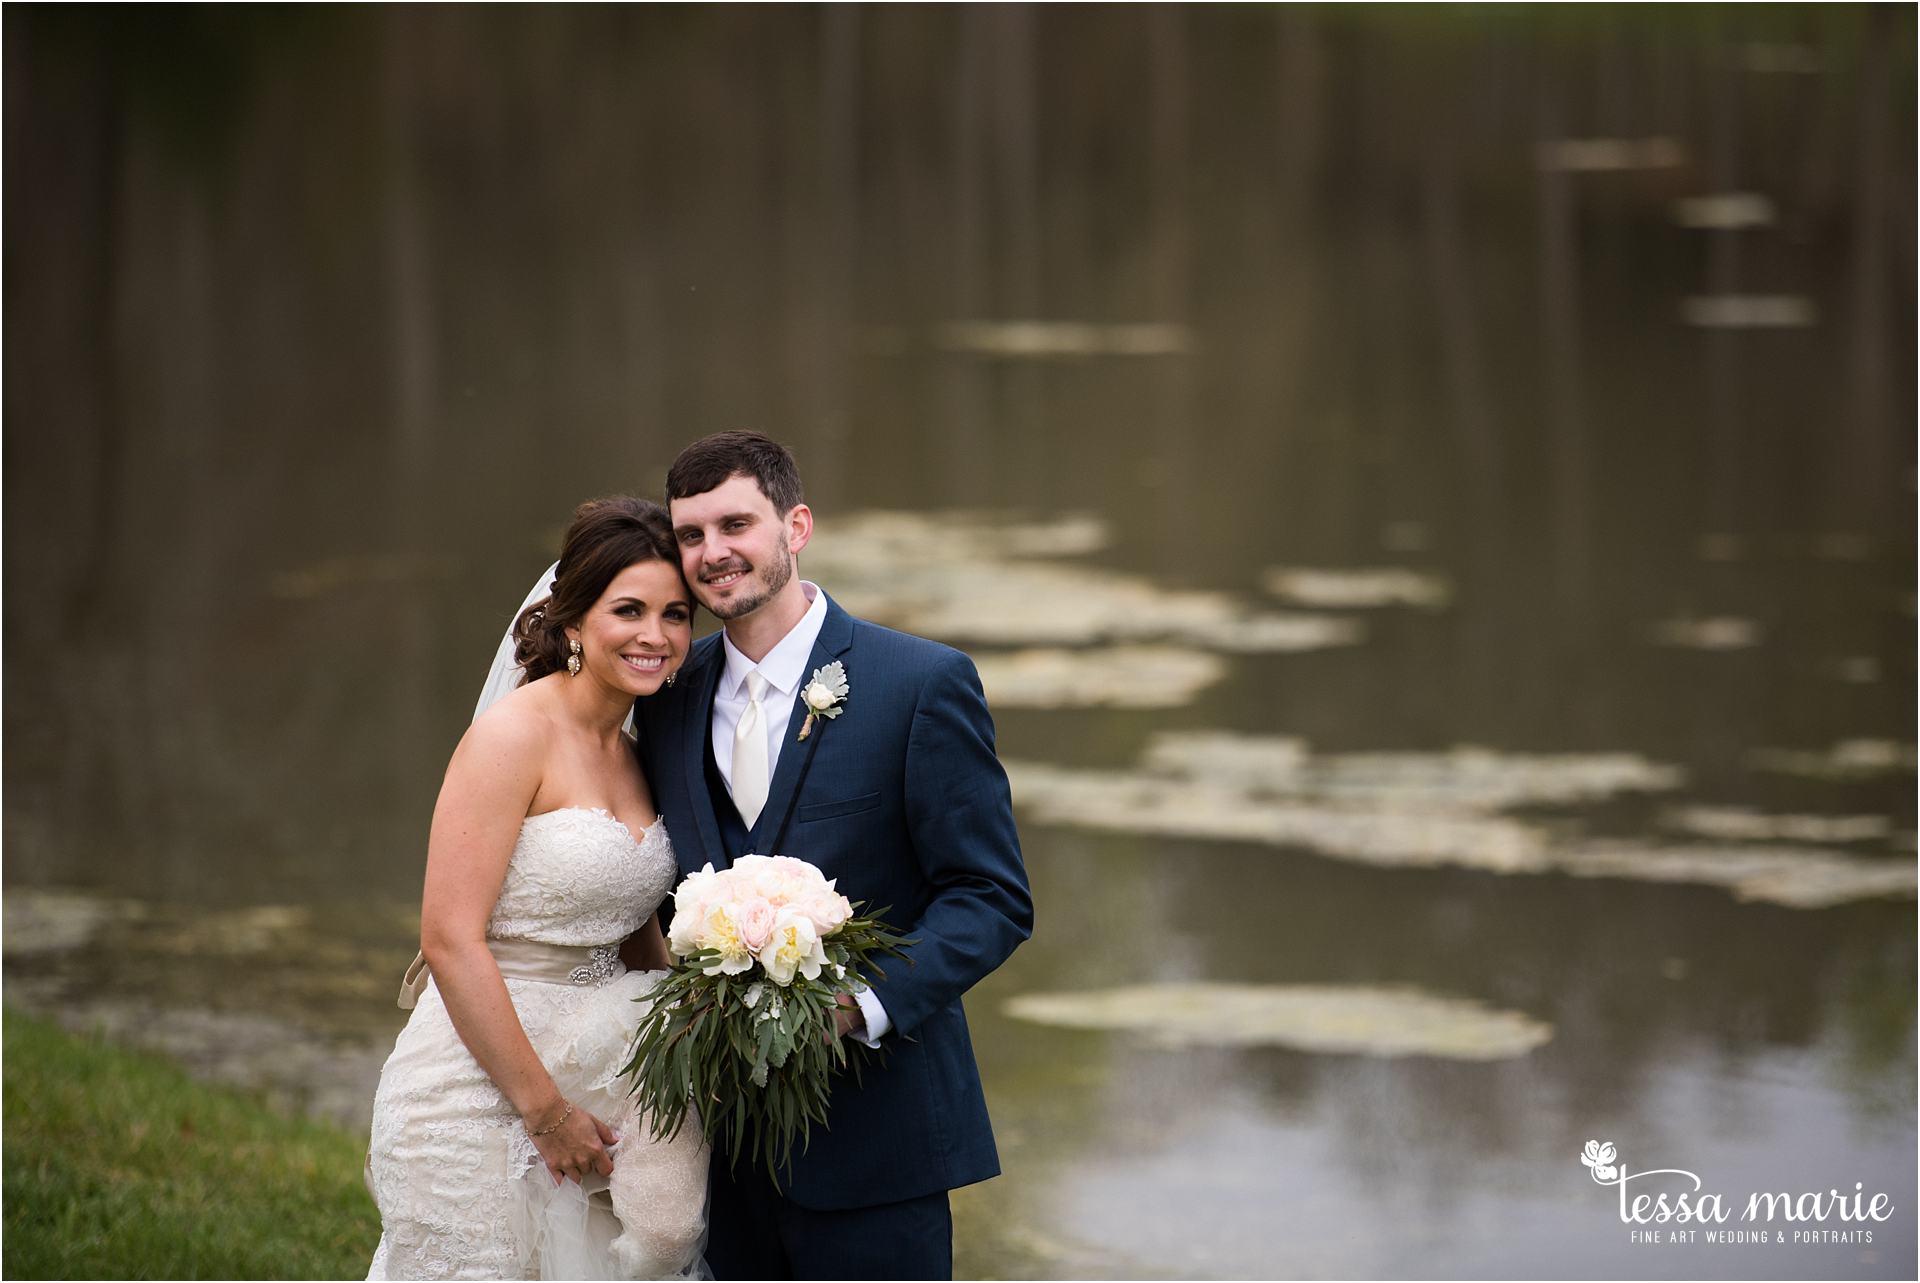 032216_brittany_kevin_wedding-141